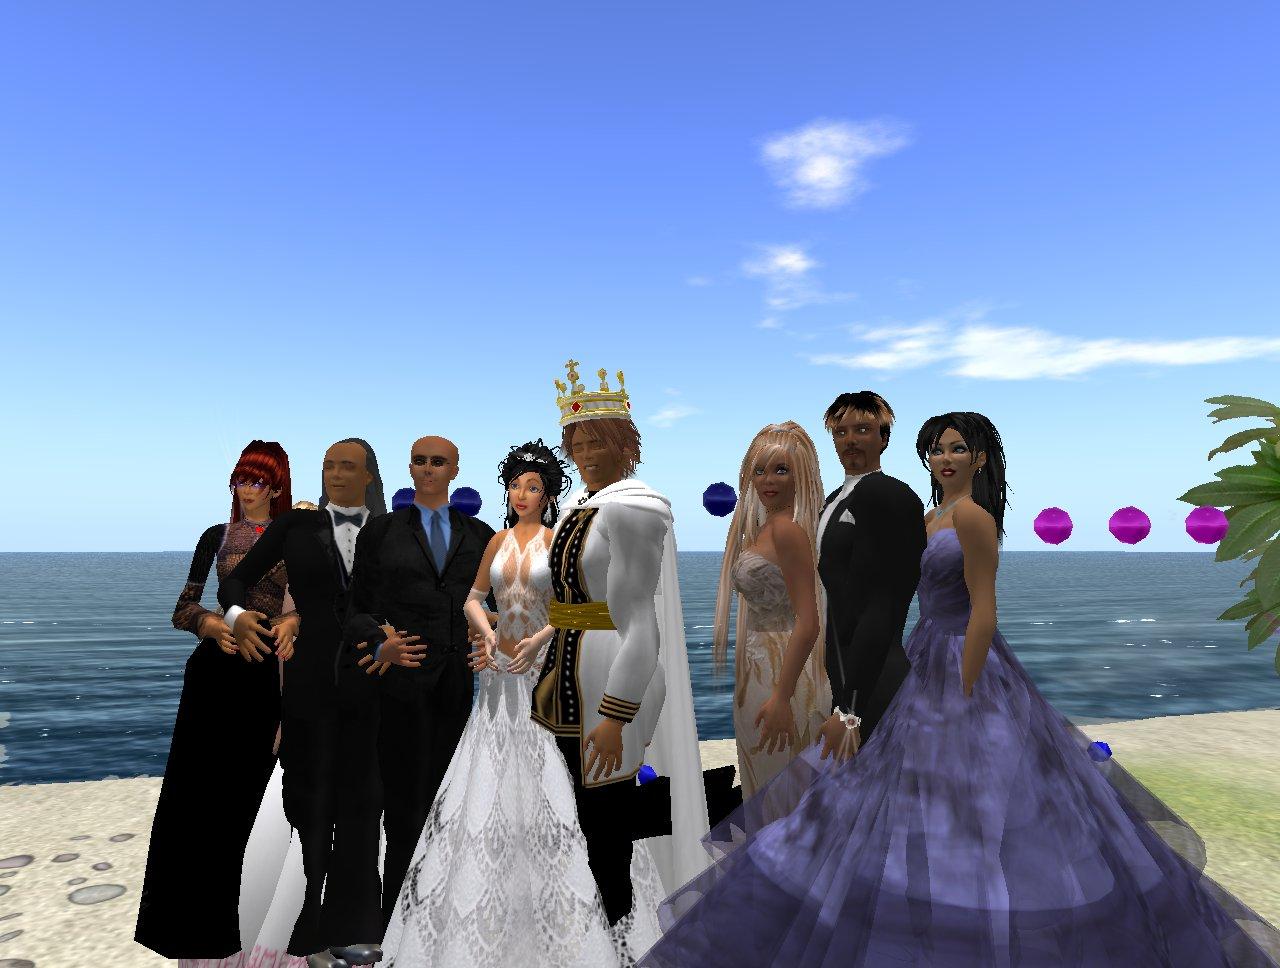 Photo de groupe mariage patty et fred 12 03 2008 - Photo de groupe mariage ...